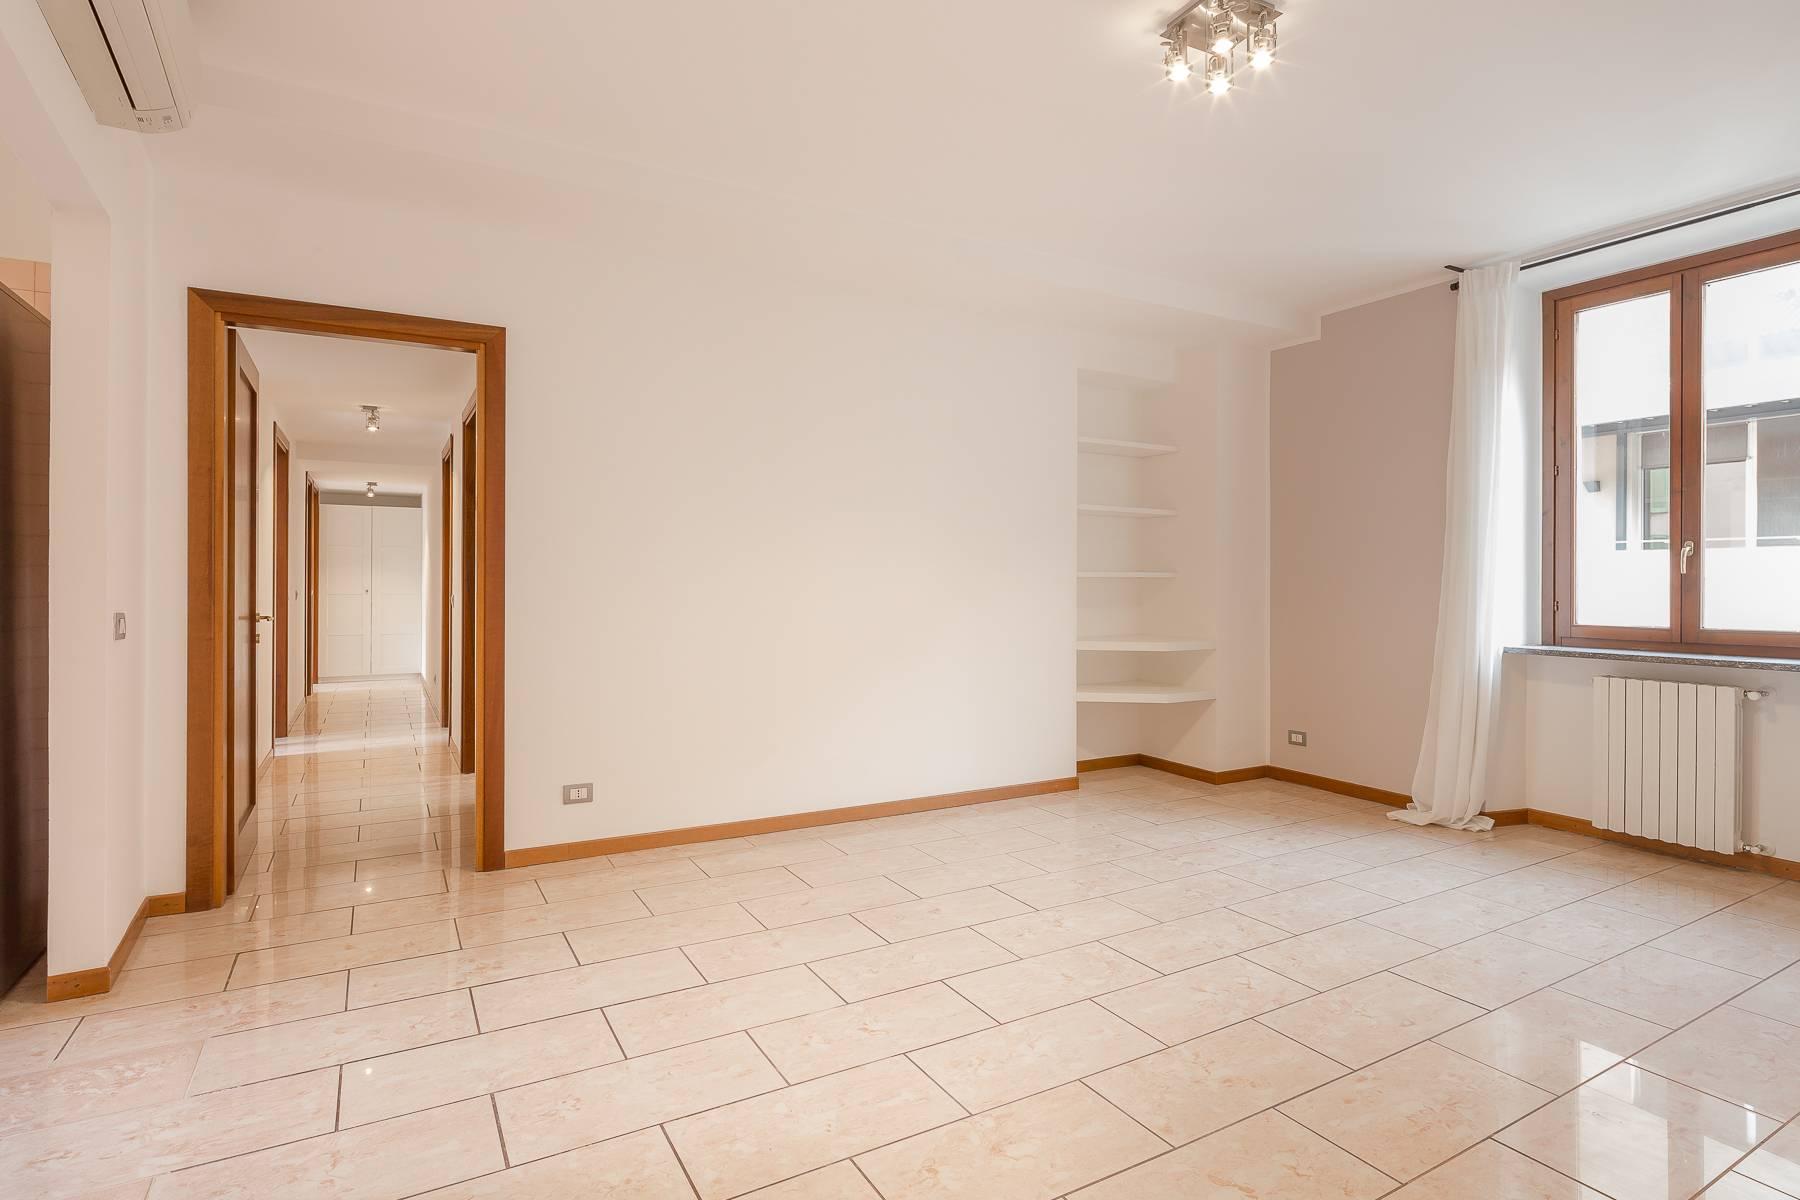 Appartamento in Affitto a Milano: 4 locali, 120 mq - Foto 5